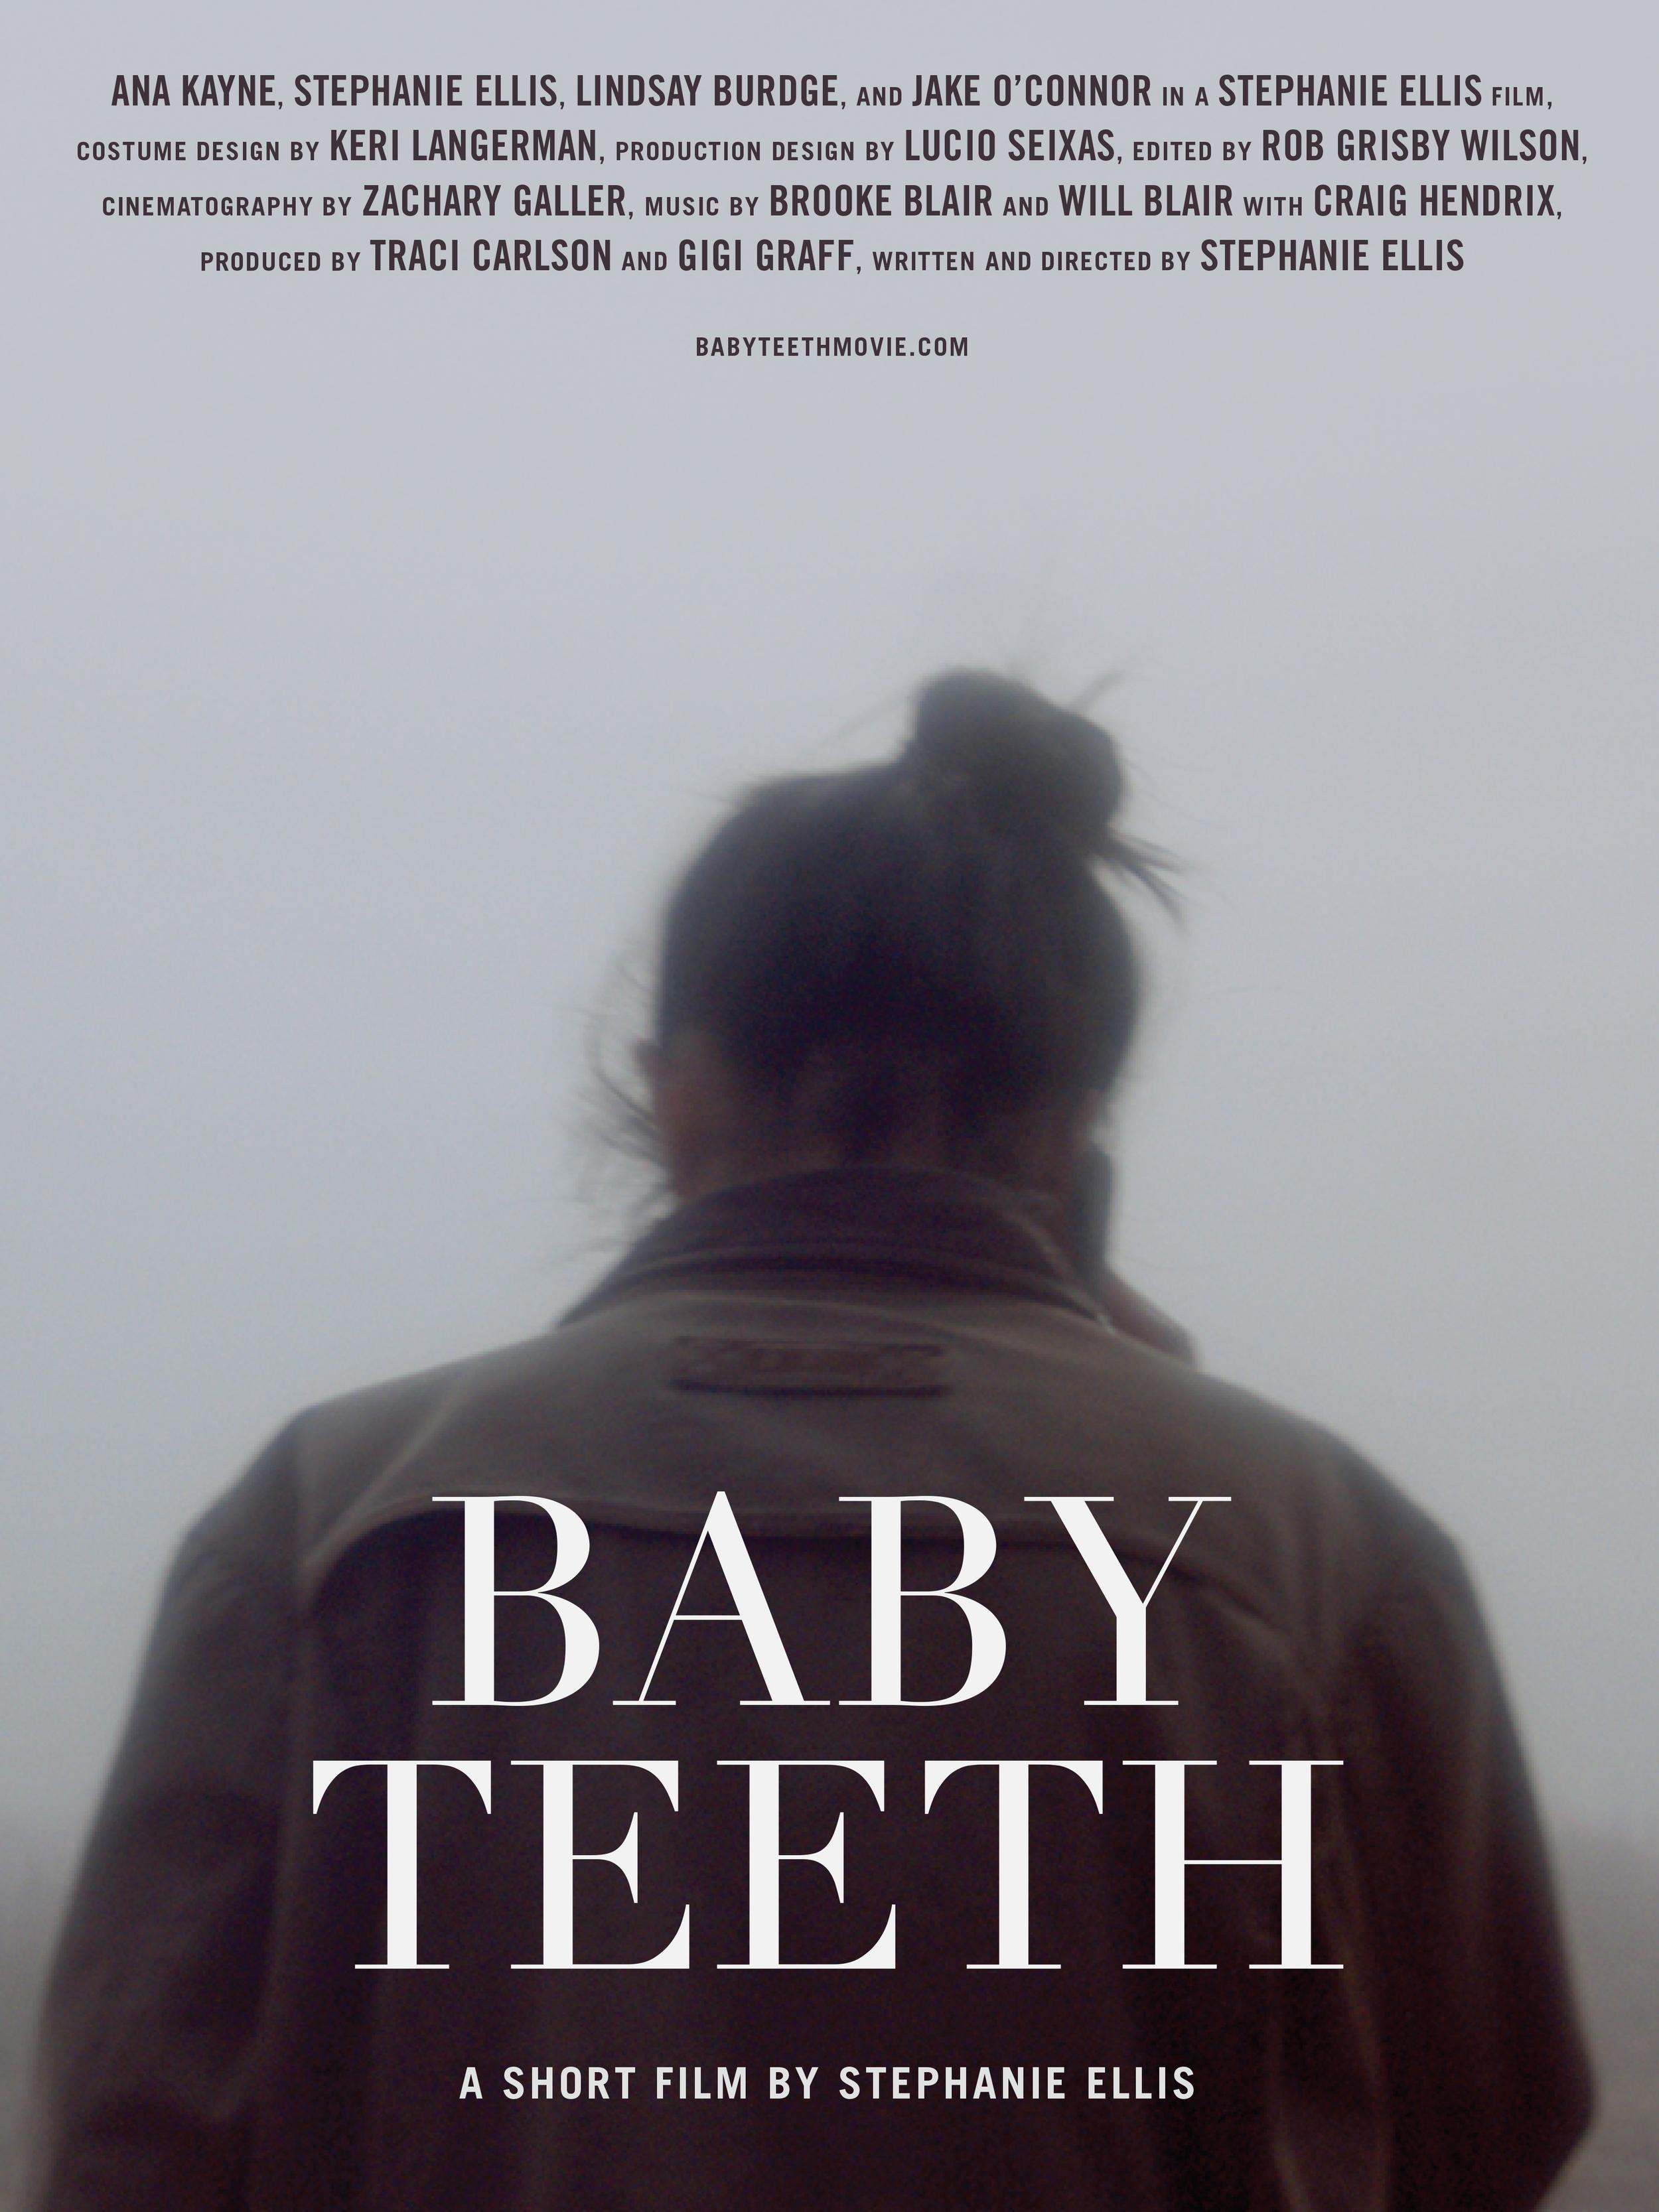 baby teeth poster (large).jpg